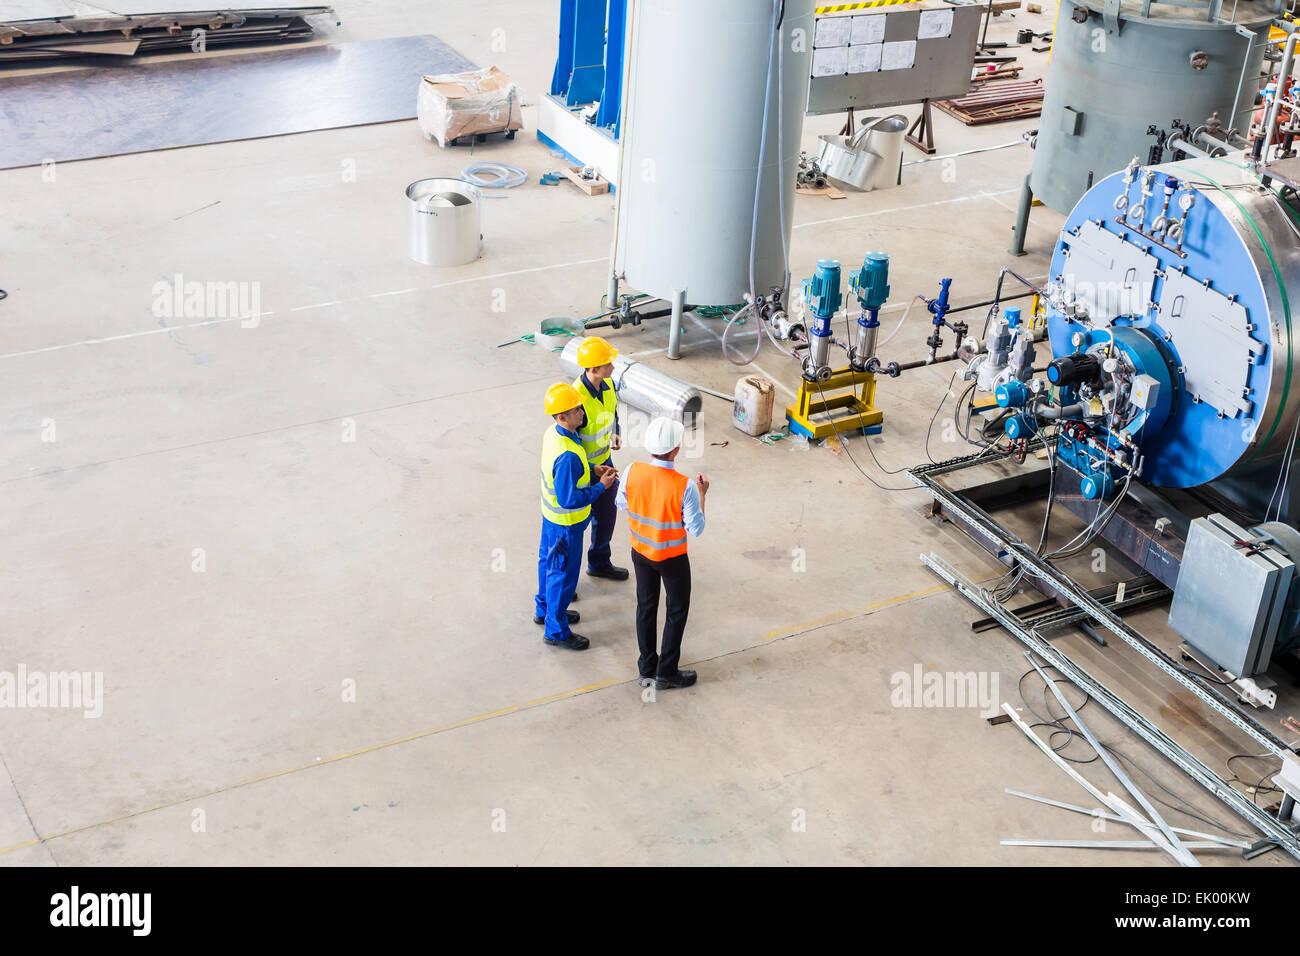 L'équipe industrielle de travailleur et l'ingénieur discuter à la machine en usine Photo Stock